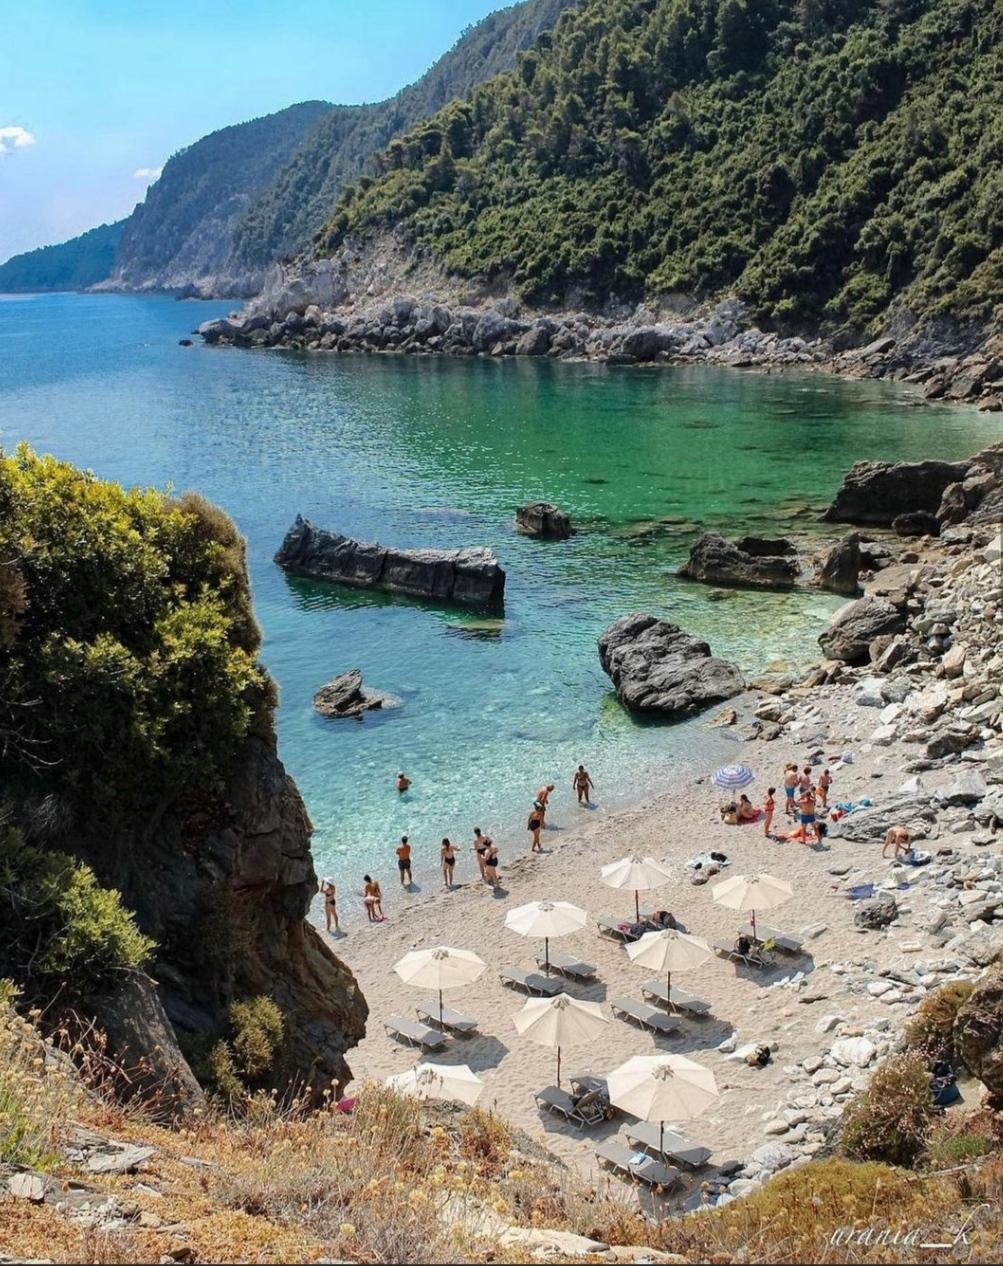 Σκόπελος: Εκεί που η θάλασσα και η φύση γίνονται ένα